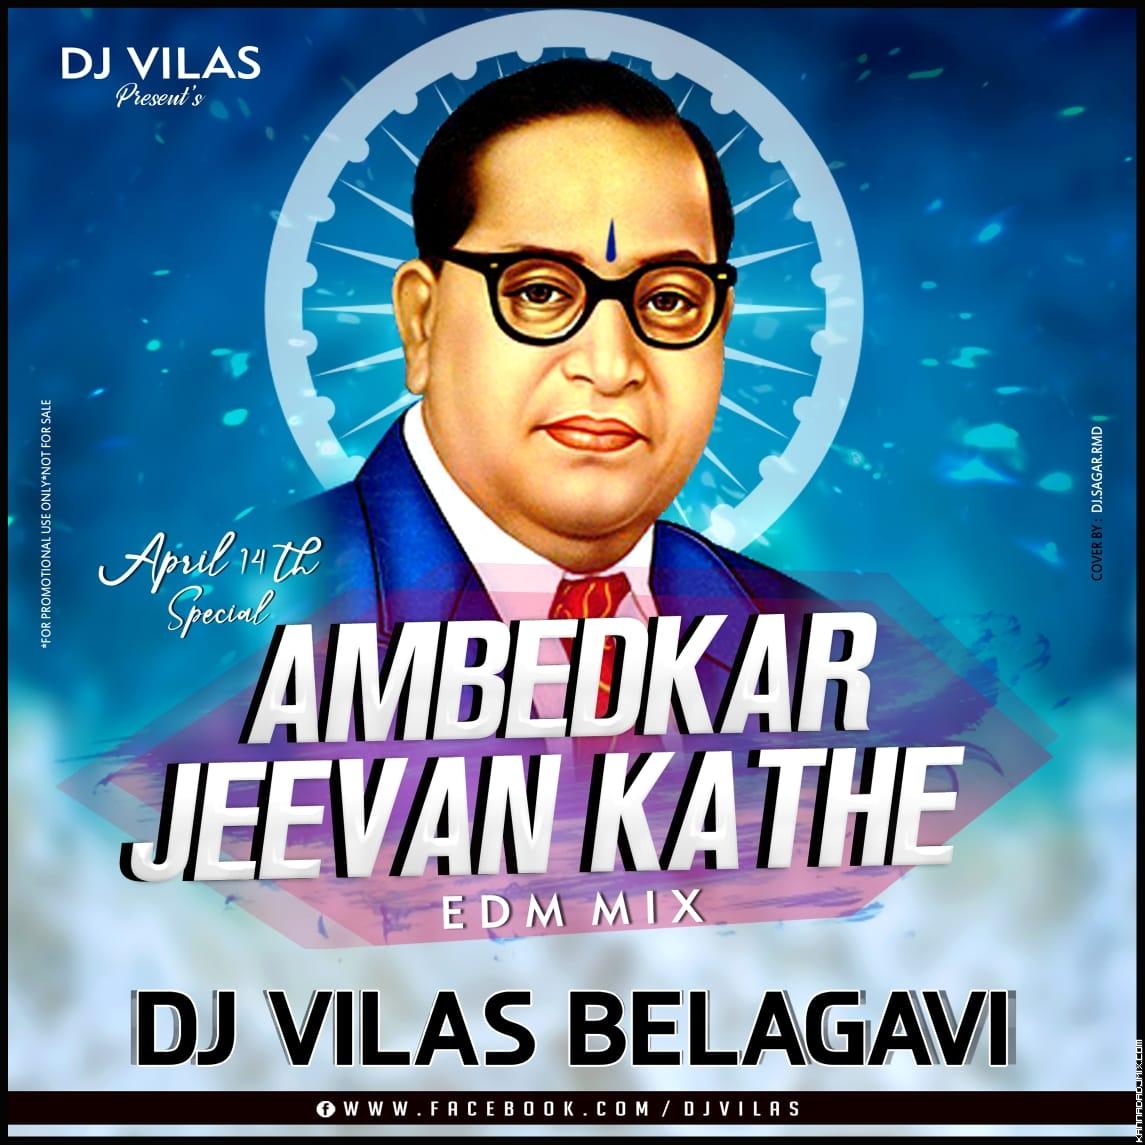 DR. Ambedakar  Jeevan kathe _ EDM MIX _DJ VILAS BGM.mp3